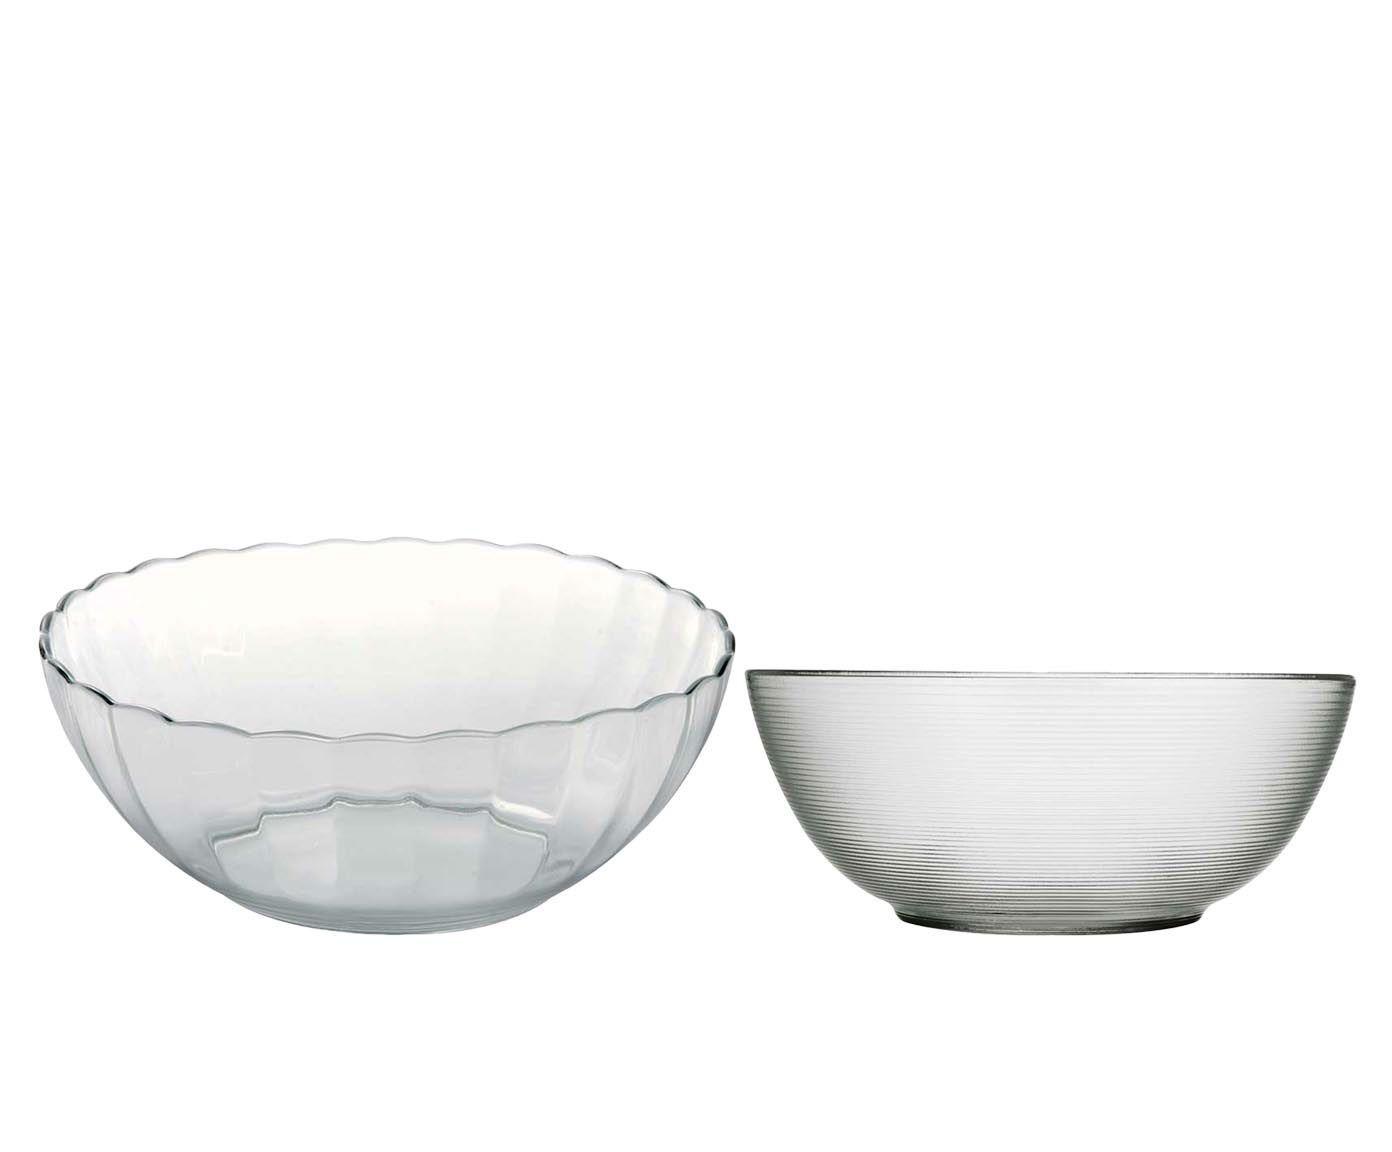 Conjunto de tigela e saladeira astral diamond -duralex | Westwing.com.br